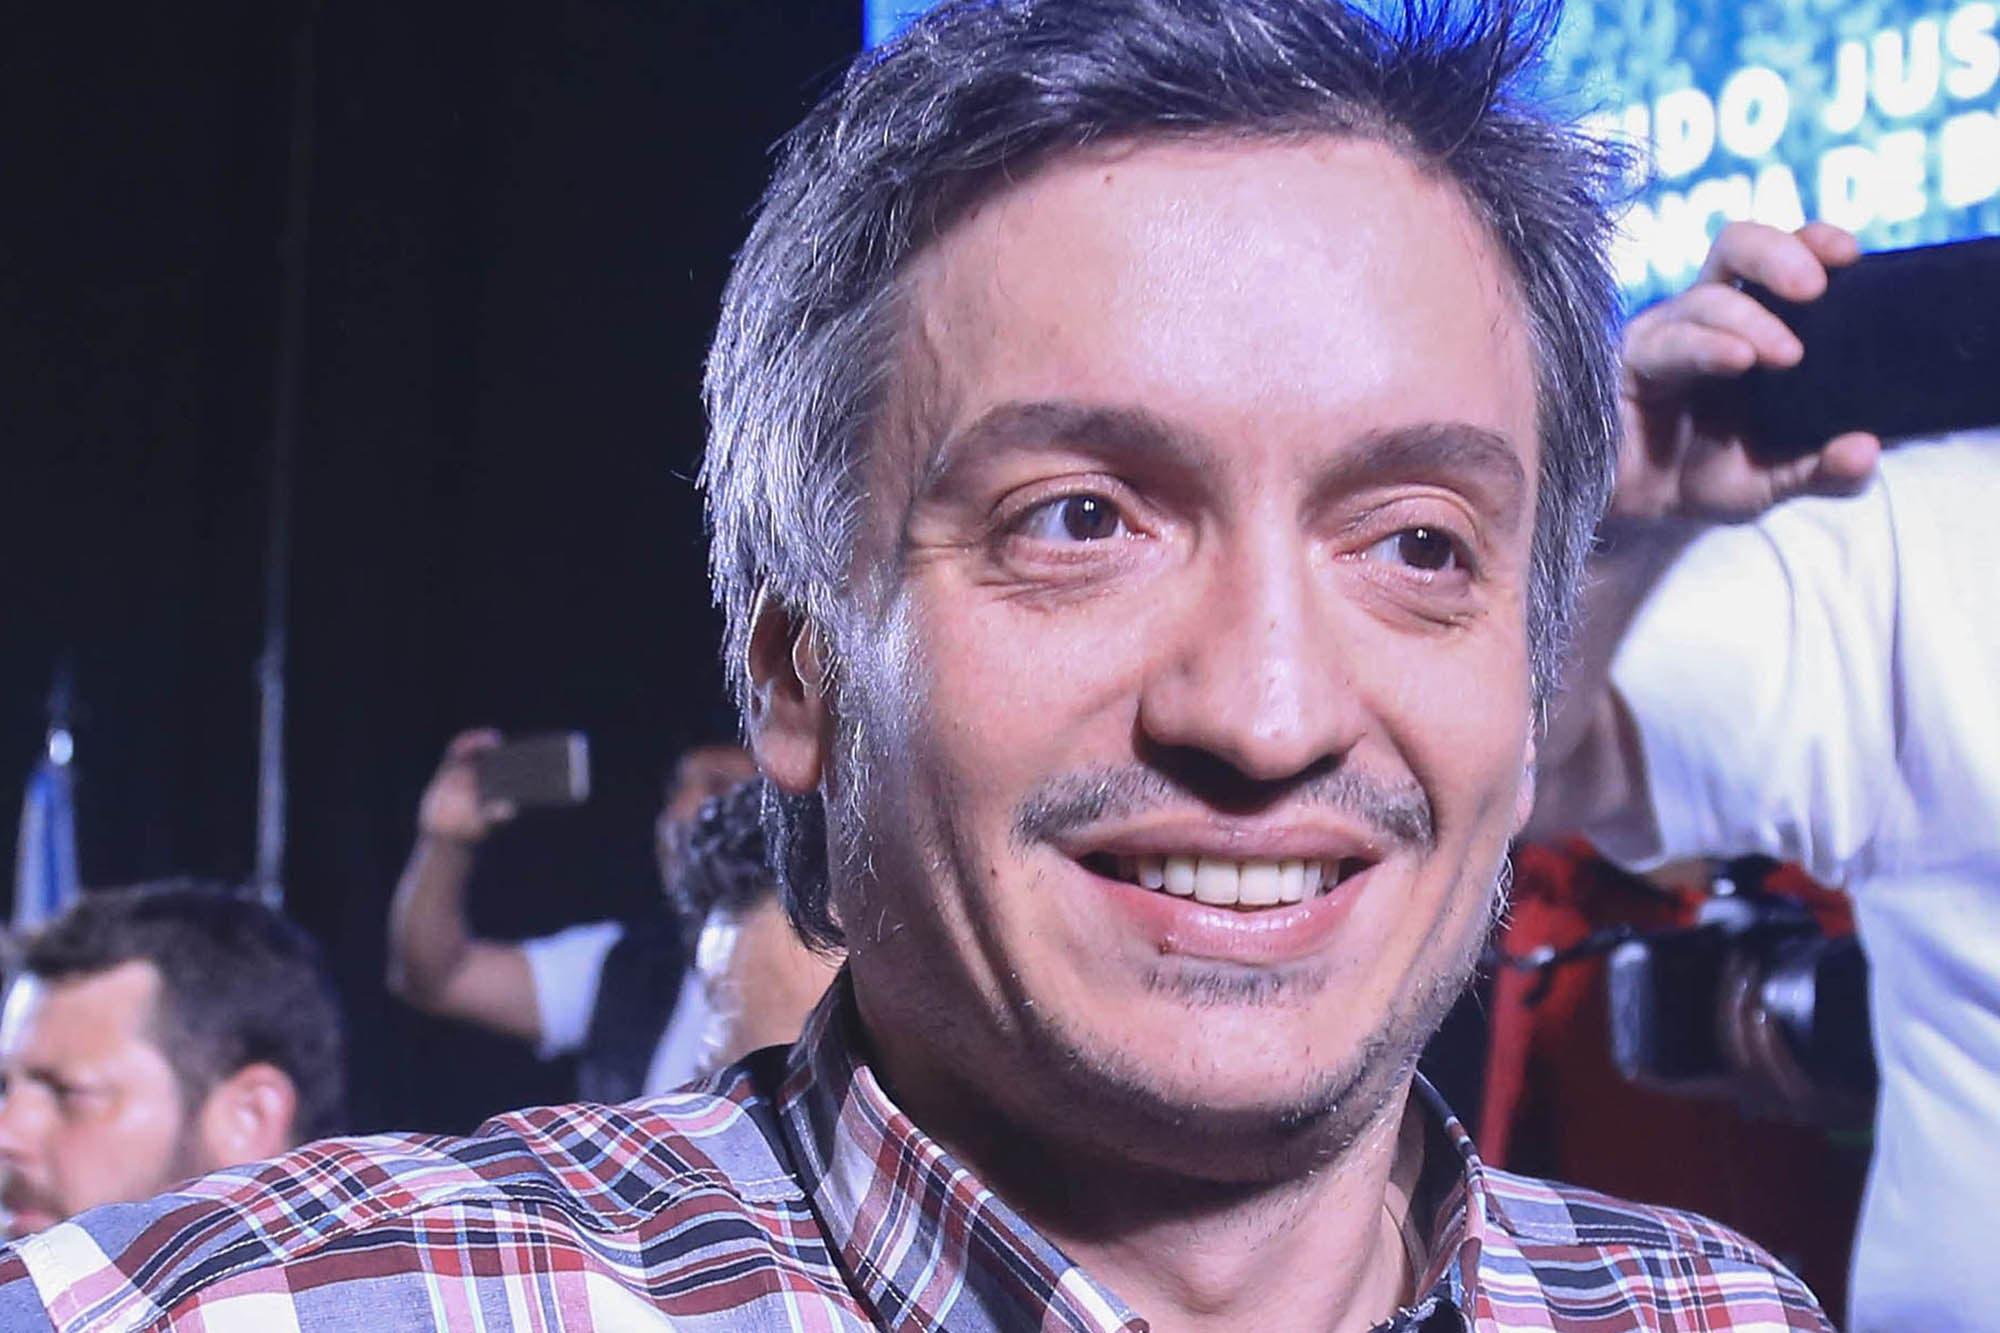 #MáximoCumple: el sugestivo homenaje que La Cámpora dedicó a Máximo Kirchner por su cumpleaños